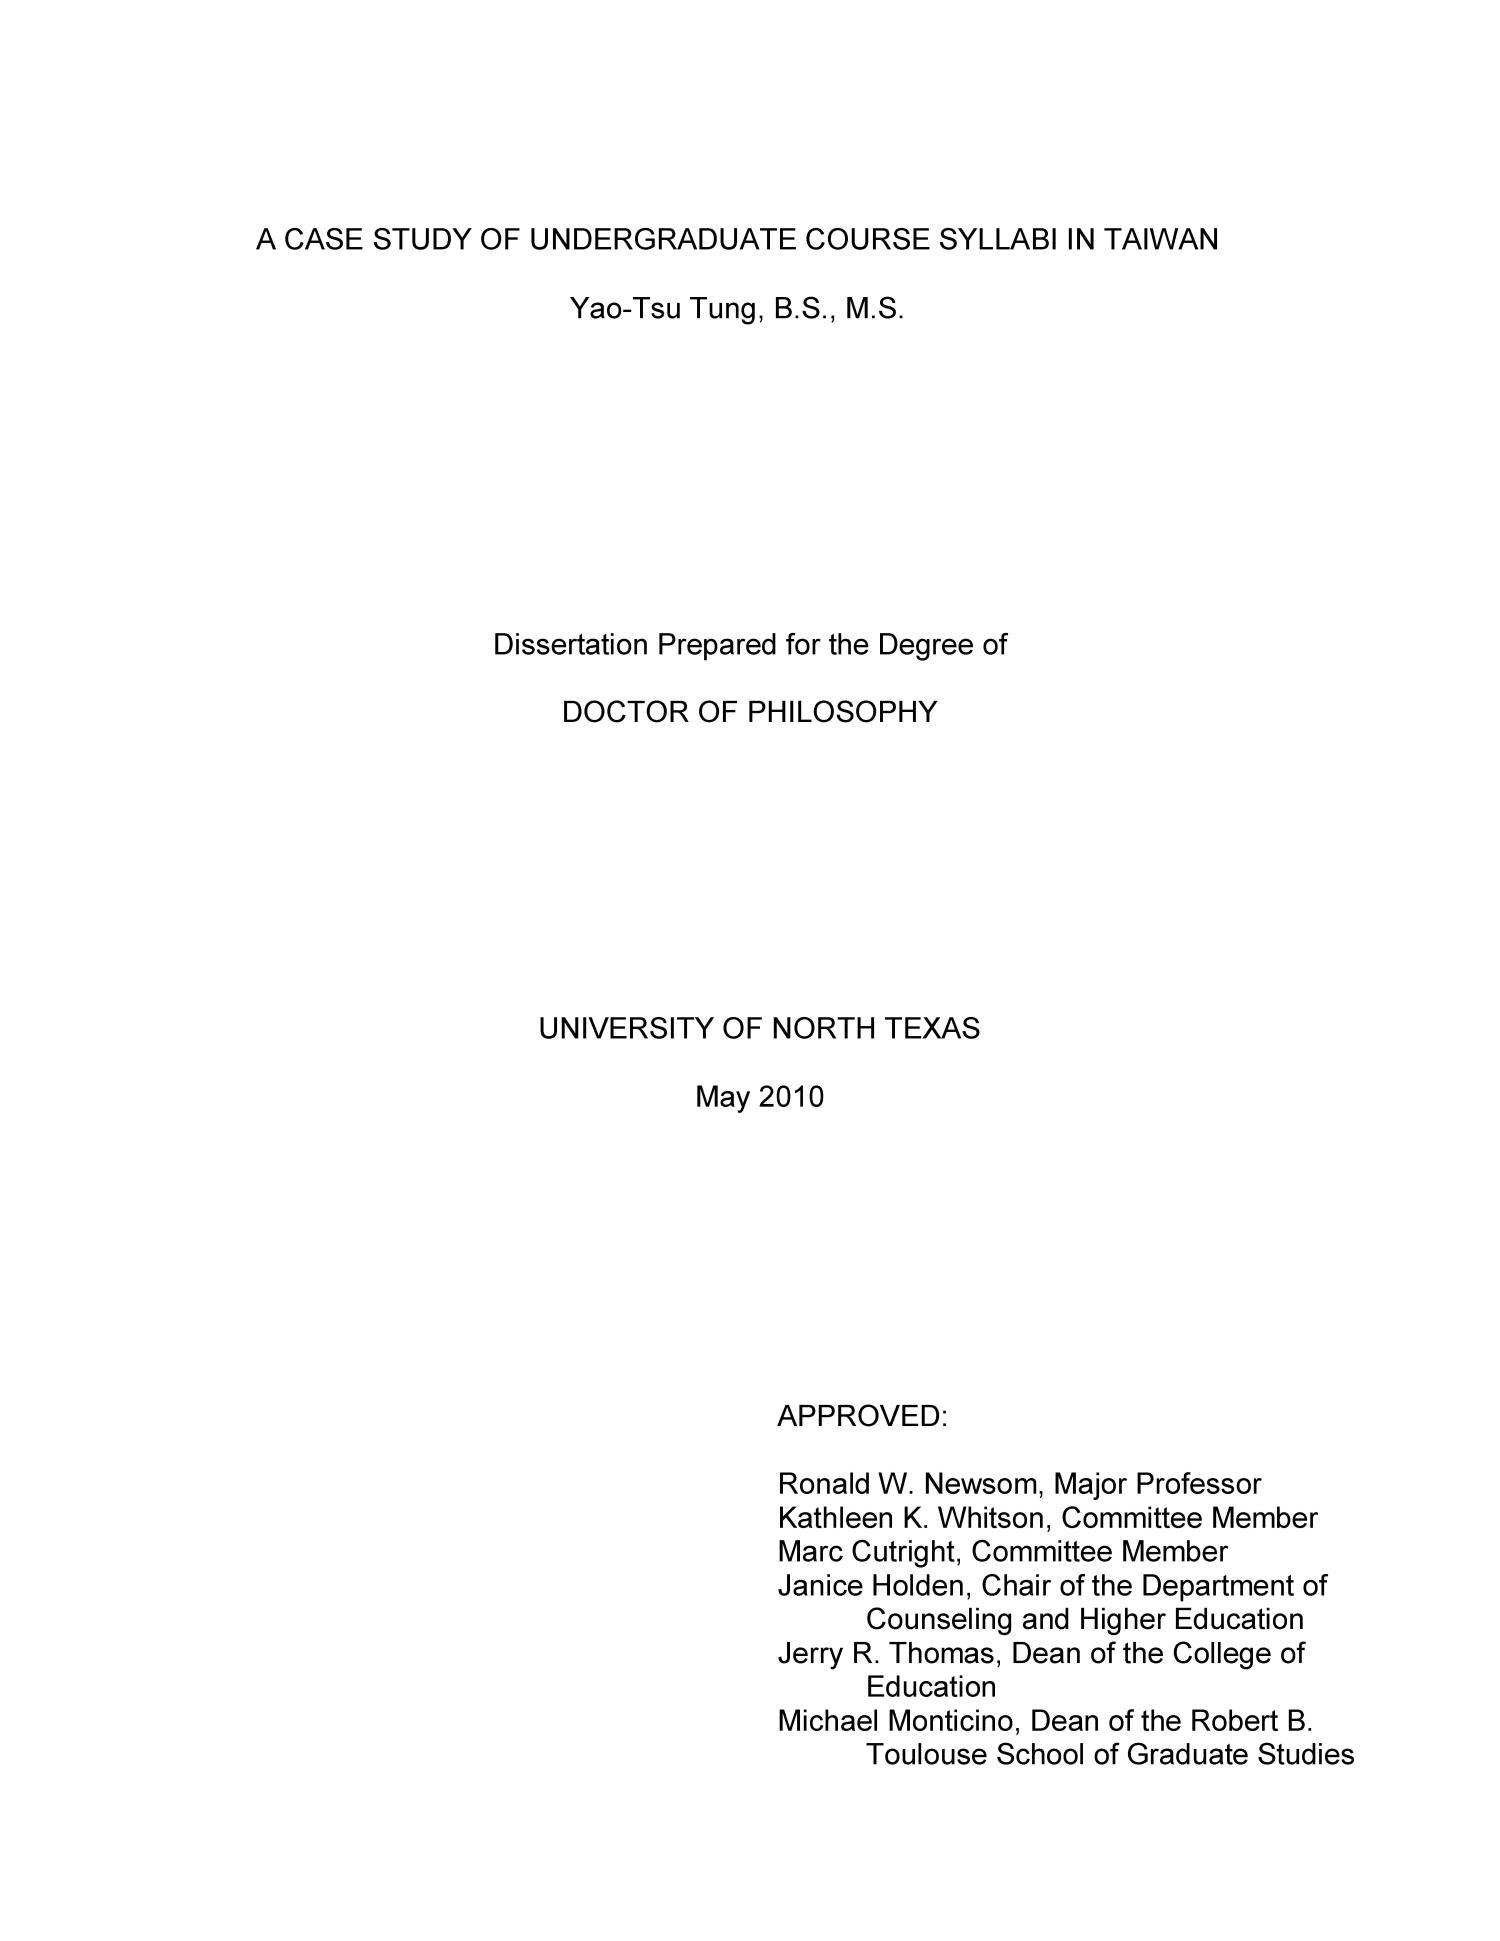 A Case Study Of Undergraduate Course Syllabi In Taiwan